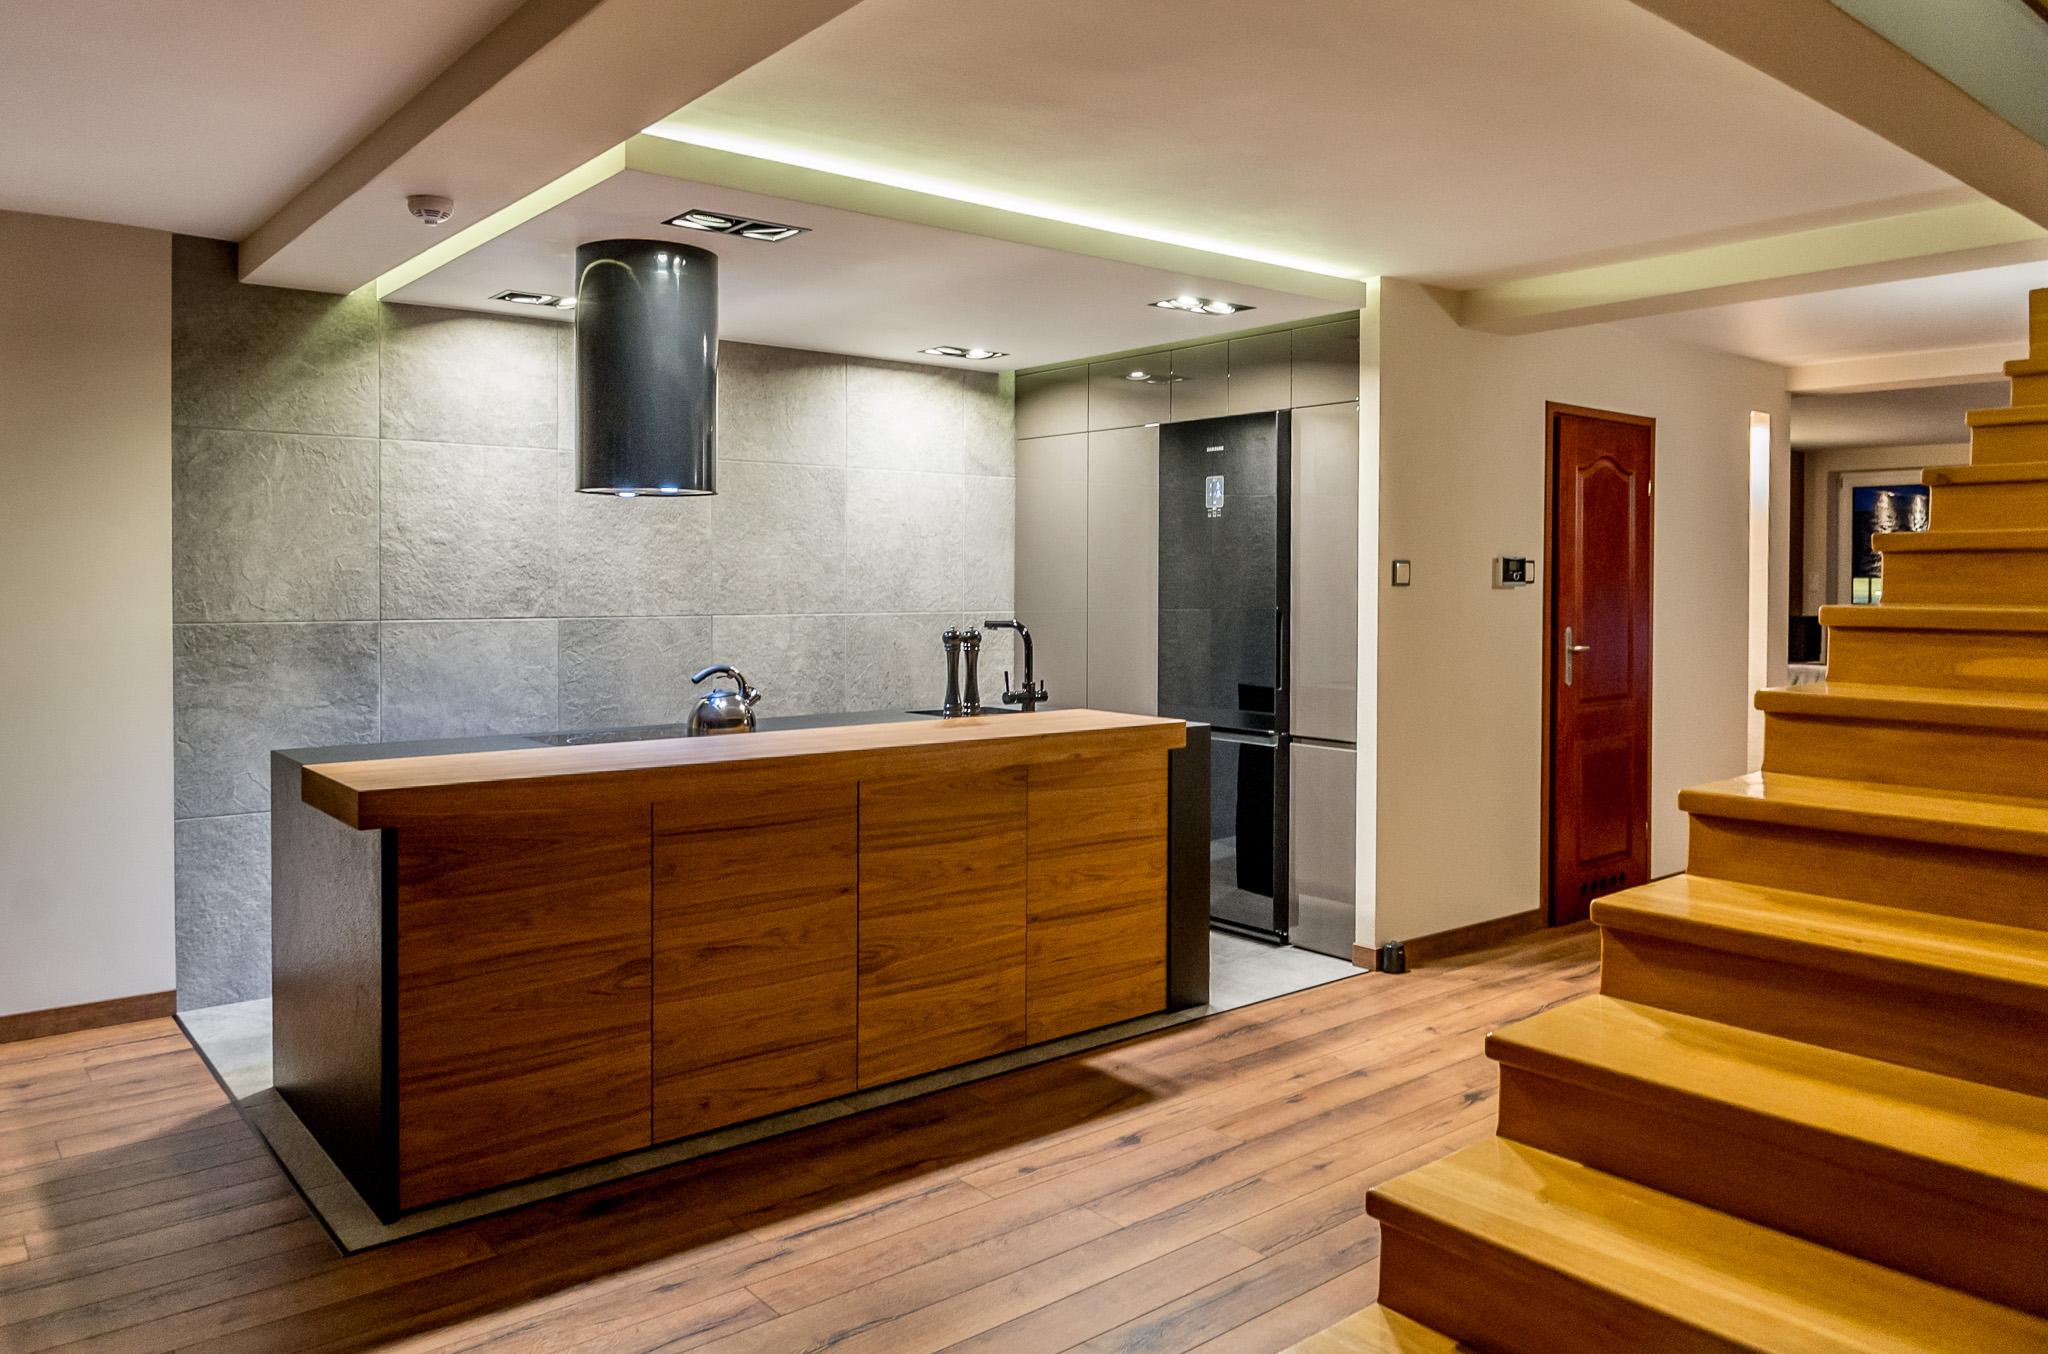 minimalistyczna kuchnia (12)